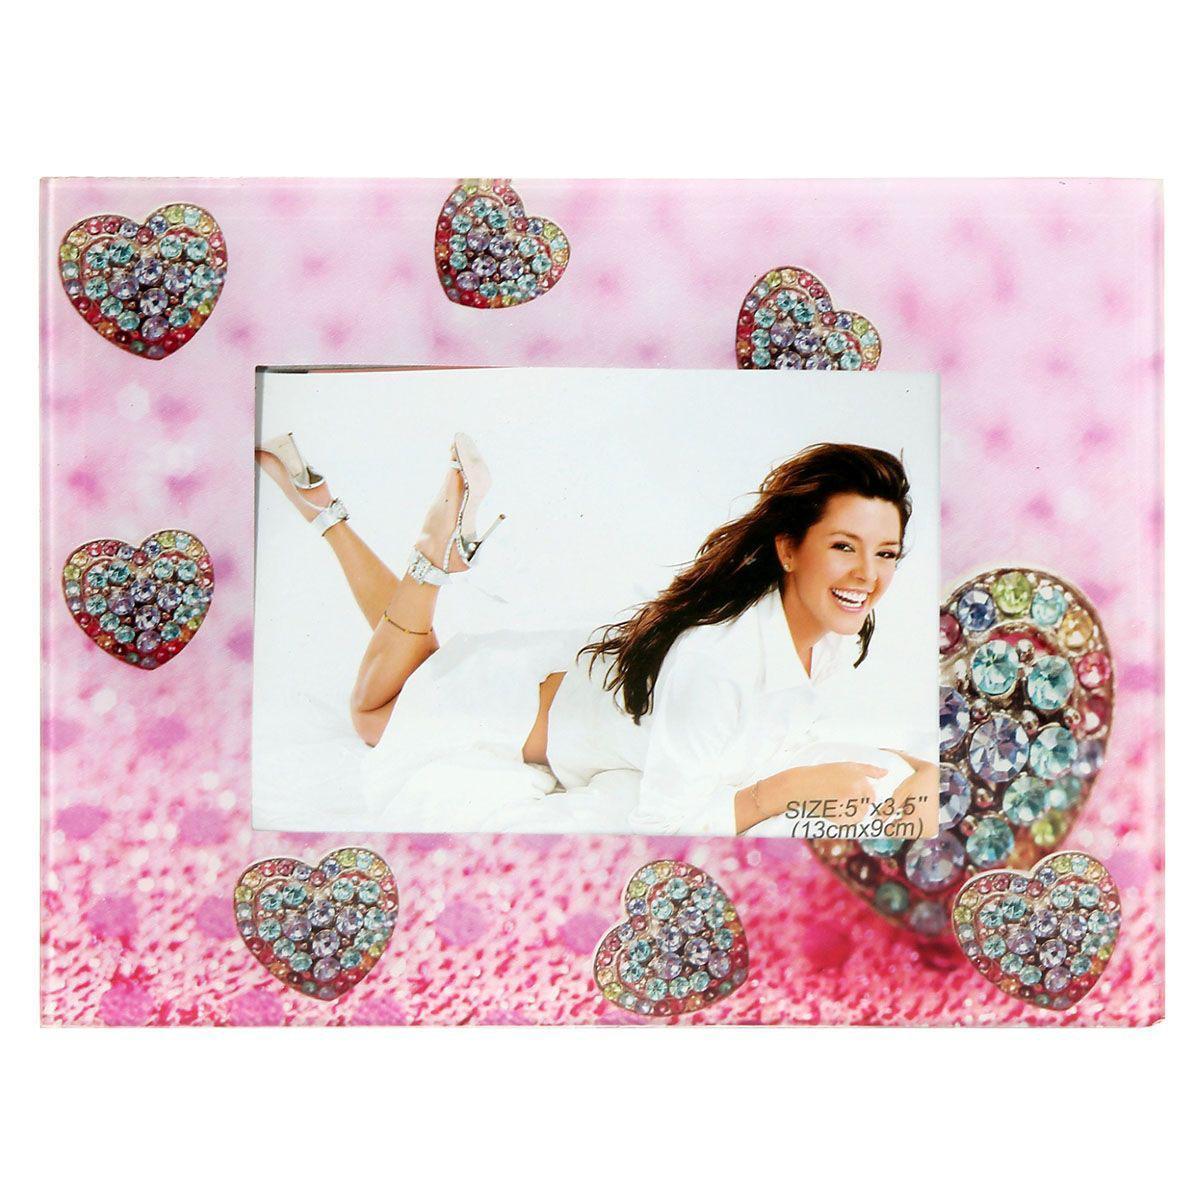 Фоторамка Sima-land Бриллиантовое сердце, цвет: розовый, 9 х 13 см843740Декоративная фоторамка Sima-land Бриллиантовое сердце выполнена из стекла и декорирована изображениями сердечек. Обратная сторона рамки оснащена специальной ножкой, благодаря которой ее можно поставить на стол или любое другое место в доме или офисе. Такая фоторамка украсит ваш интерьер оригинальным образом, а также позволит сохранить память о дорогих вам людях и интересных событиях вашей жизни. С ней вы сможете не просто внести в интерьер своего дома элемент оригинальности, но и создать атмосферу загадочности и изысканности.